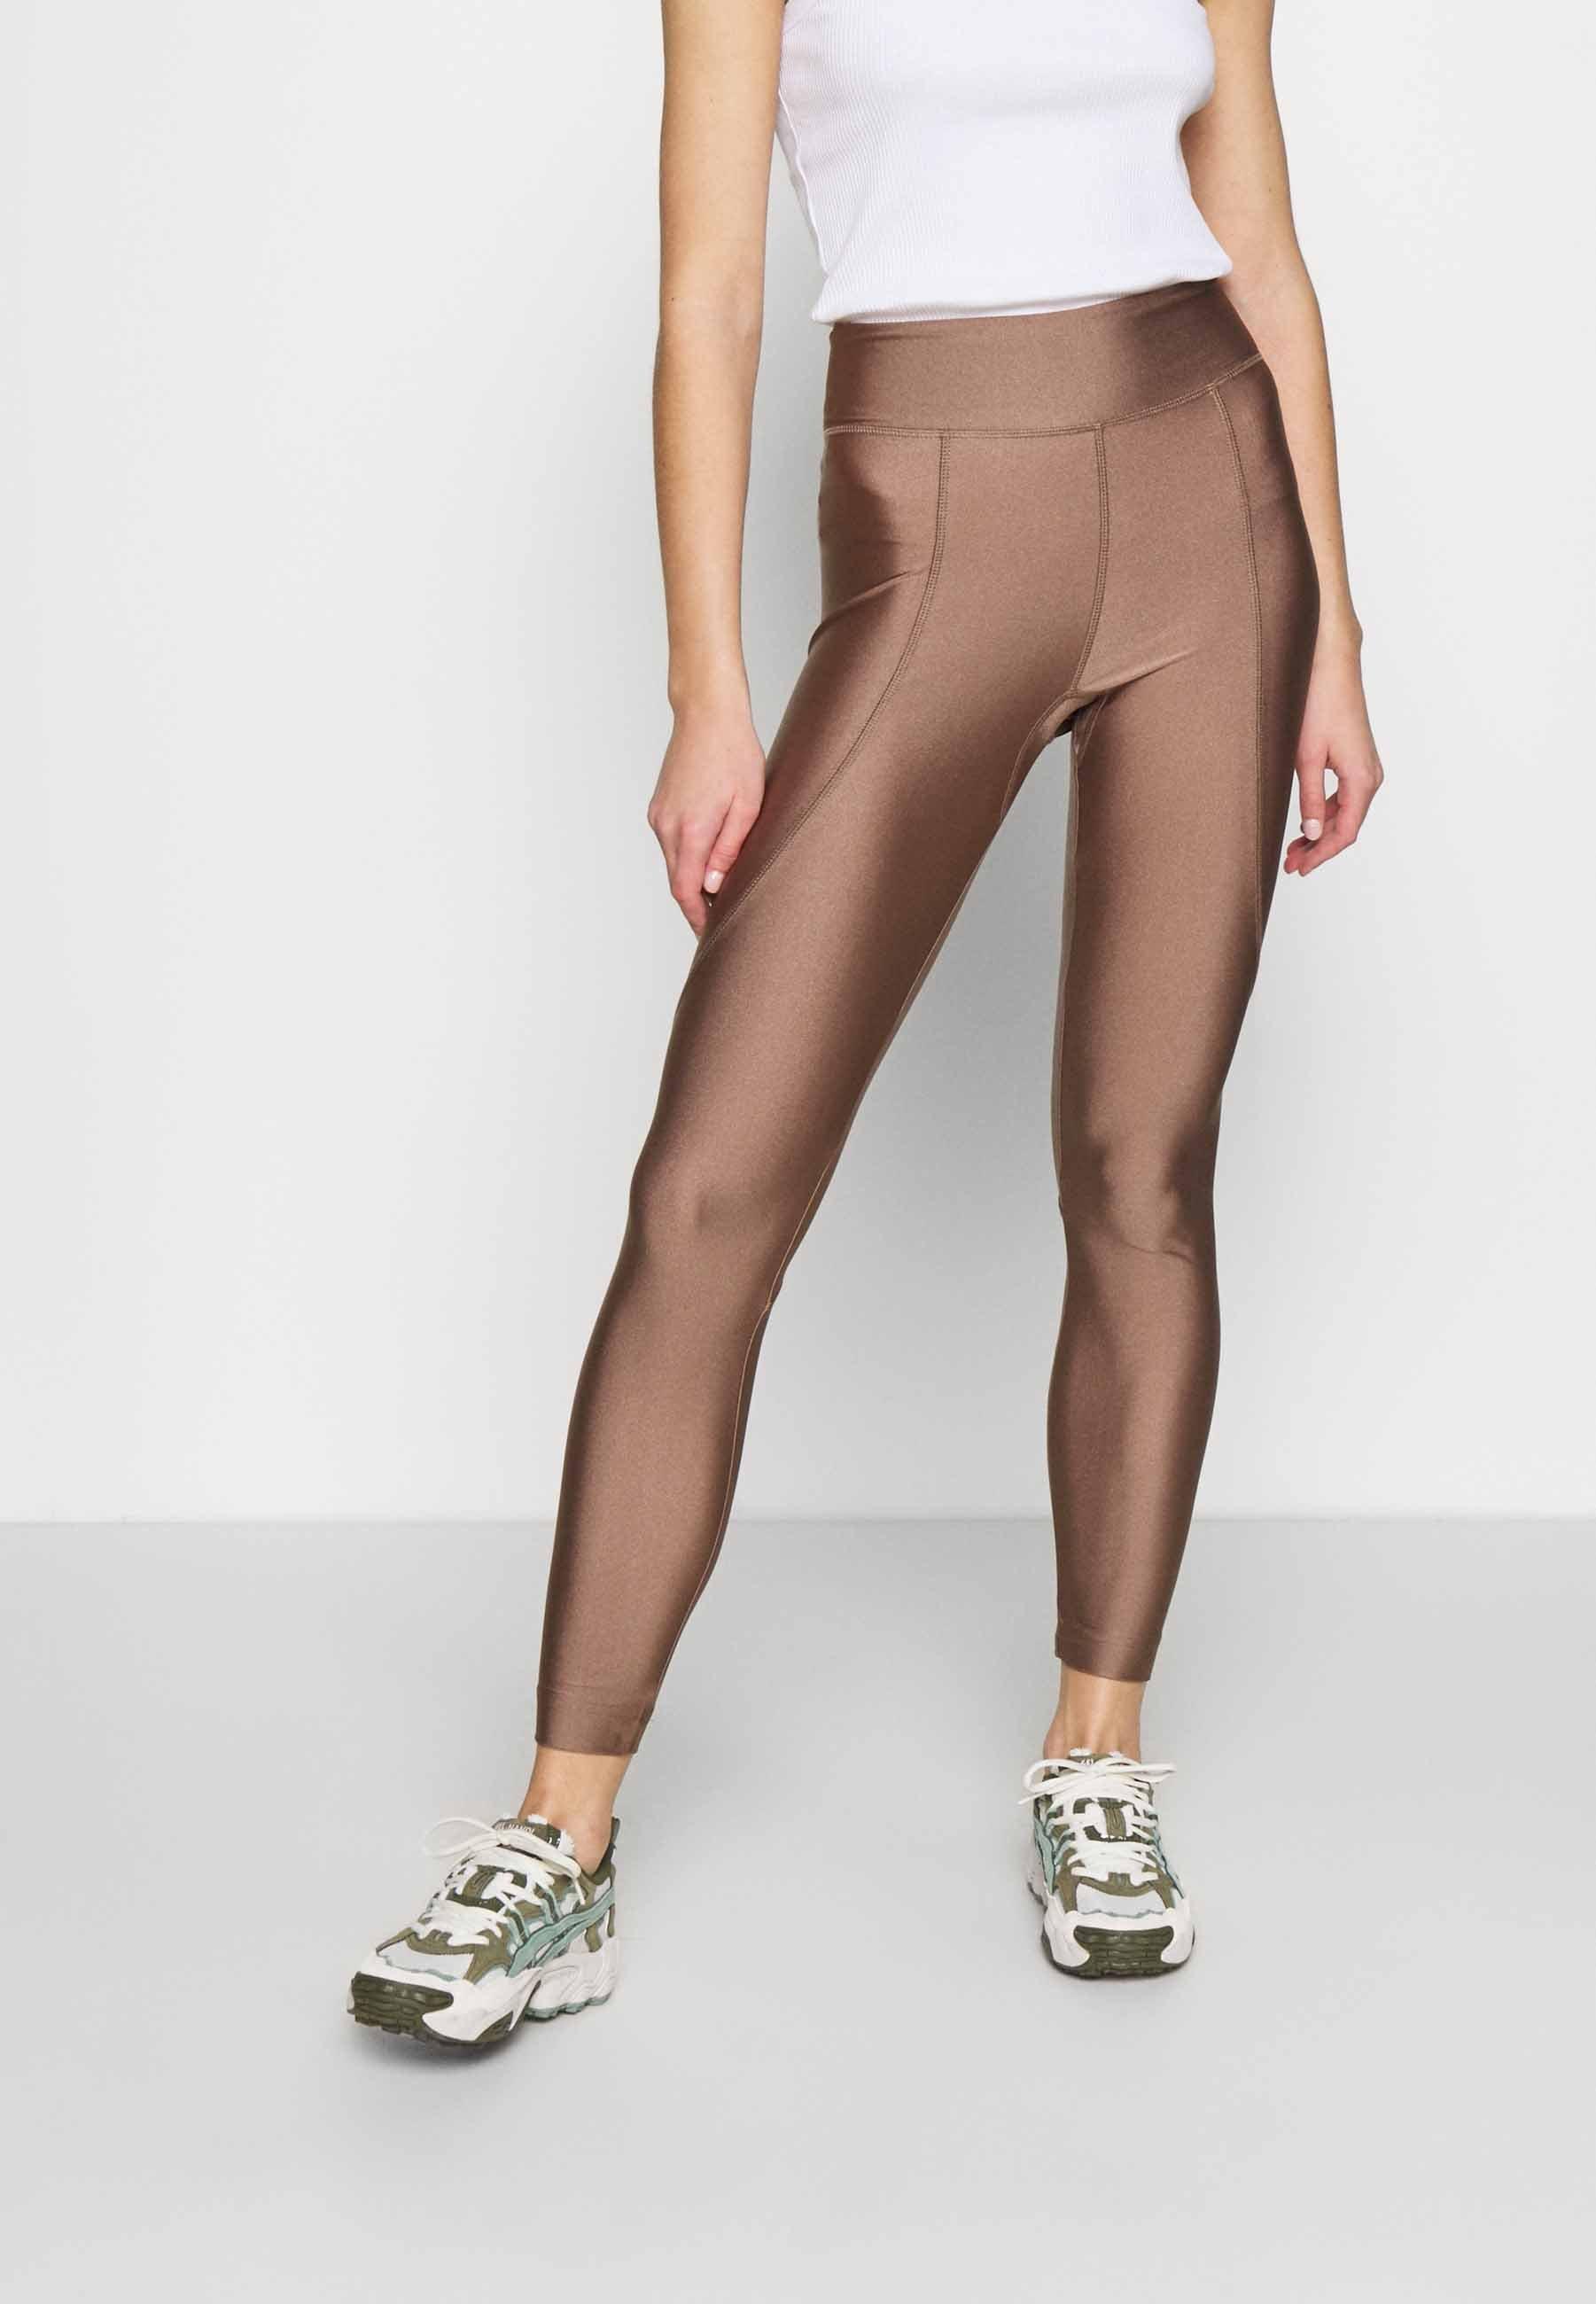 Damen OVERLOCKED PANELLED SHINE - Leggings - Hosen